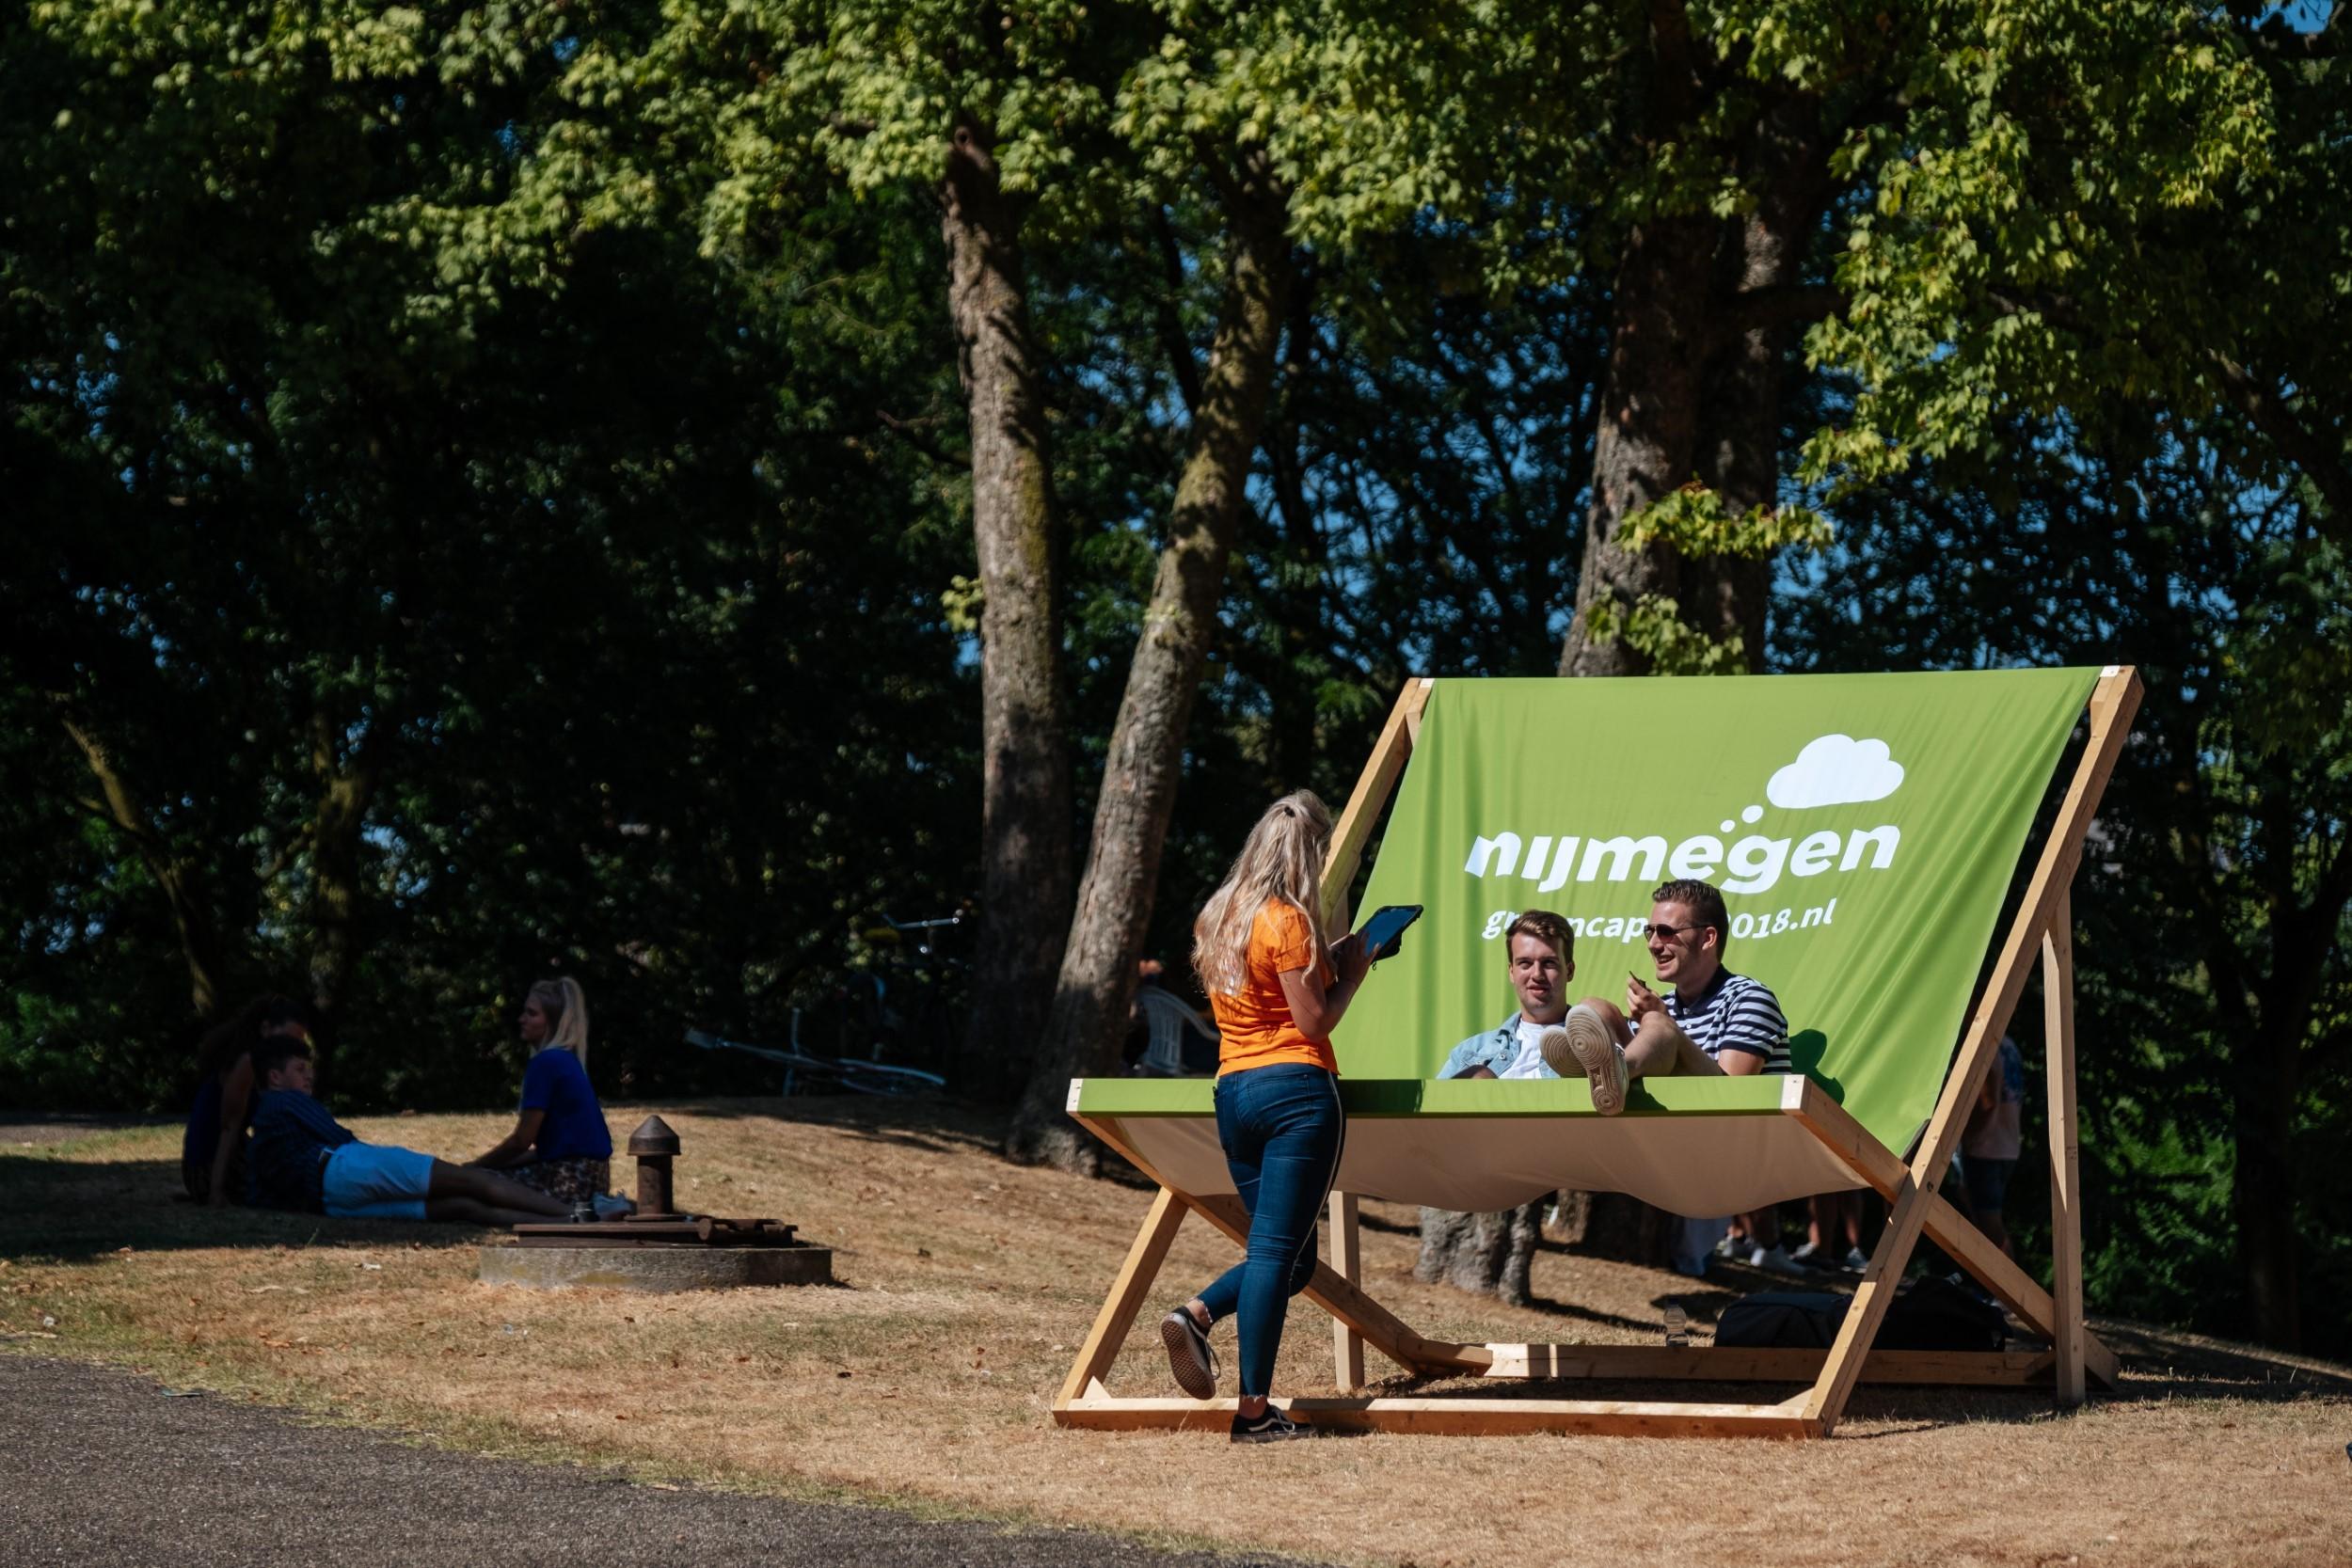 Panora-Me-Nijmegen_007.JPG